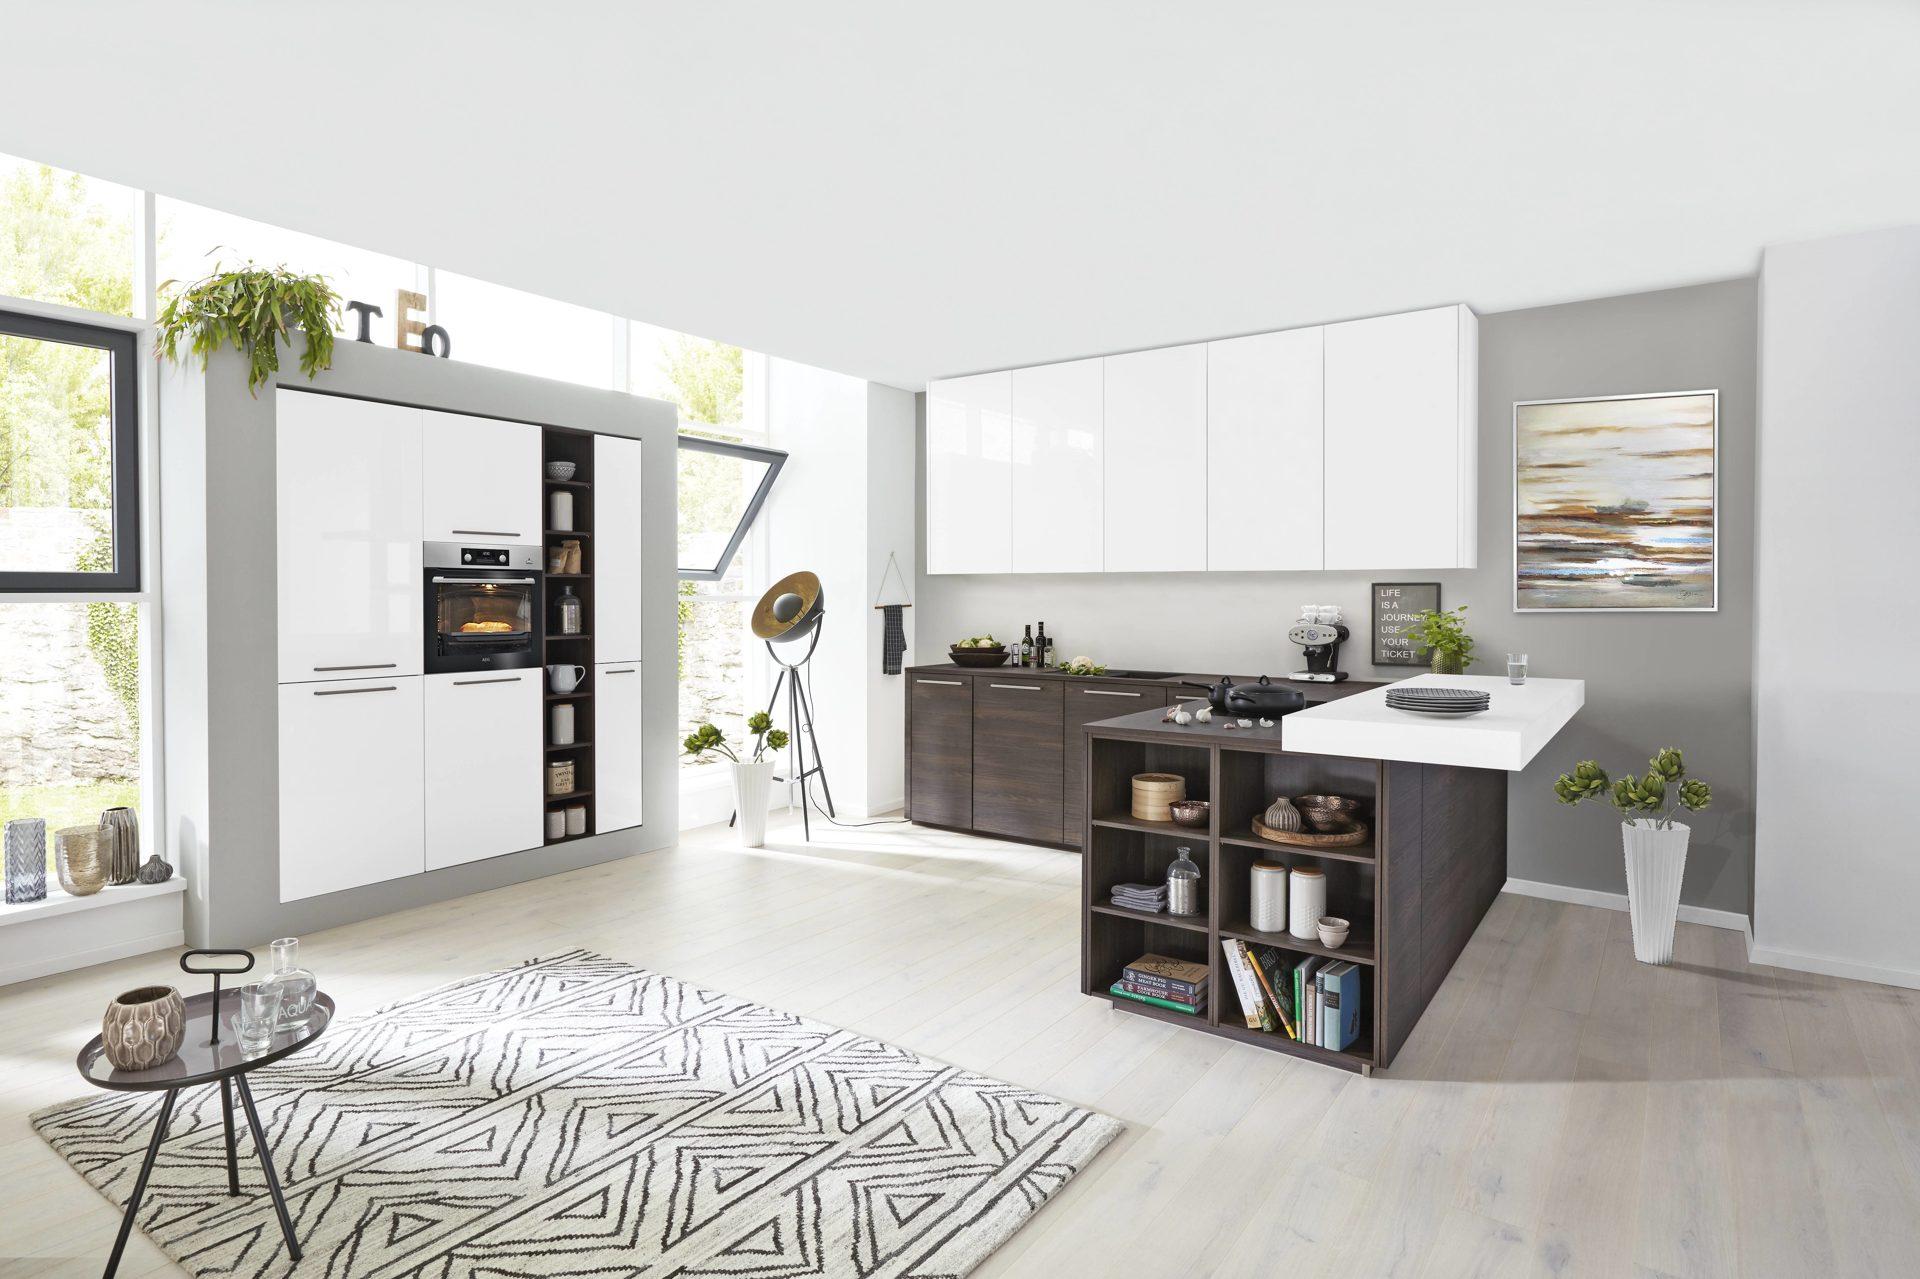 Interliving Küche Serie 3003 mit AEG Einbaugeräten, weiße ...